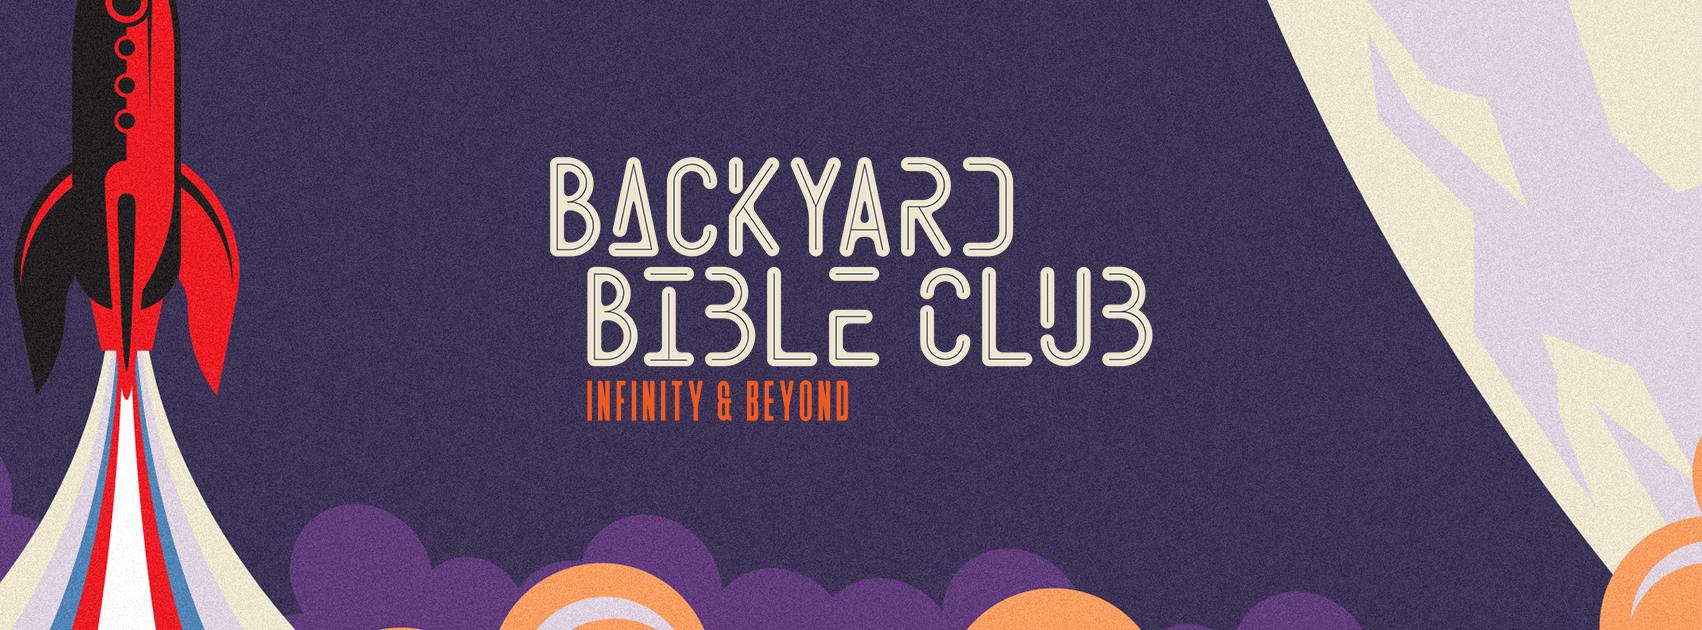 Backyard Bible FB Cover Photo.jpg